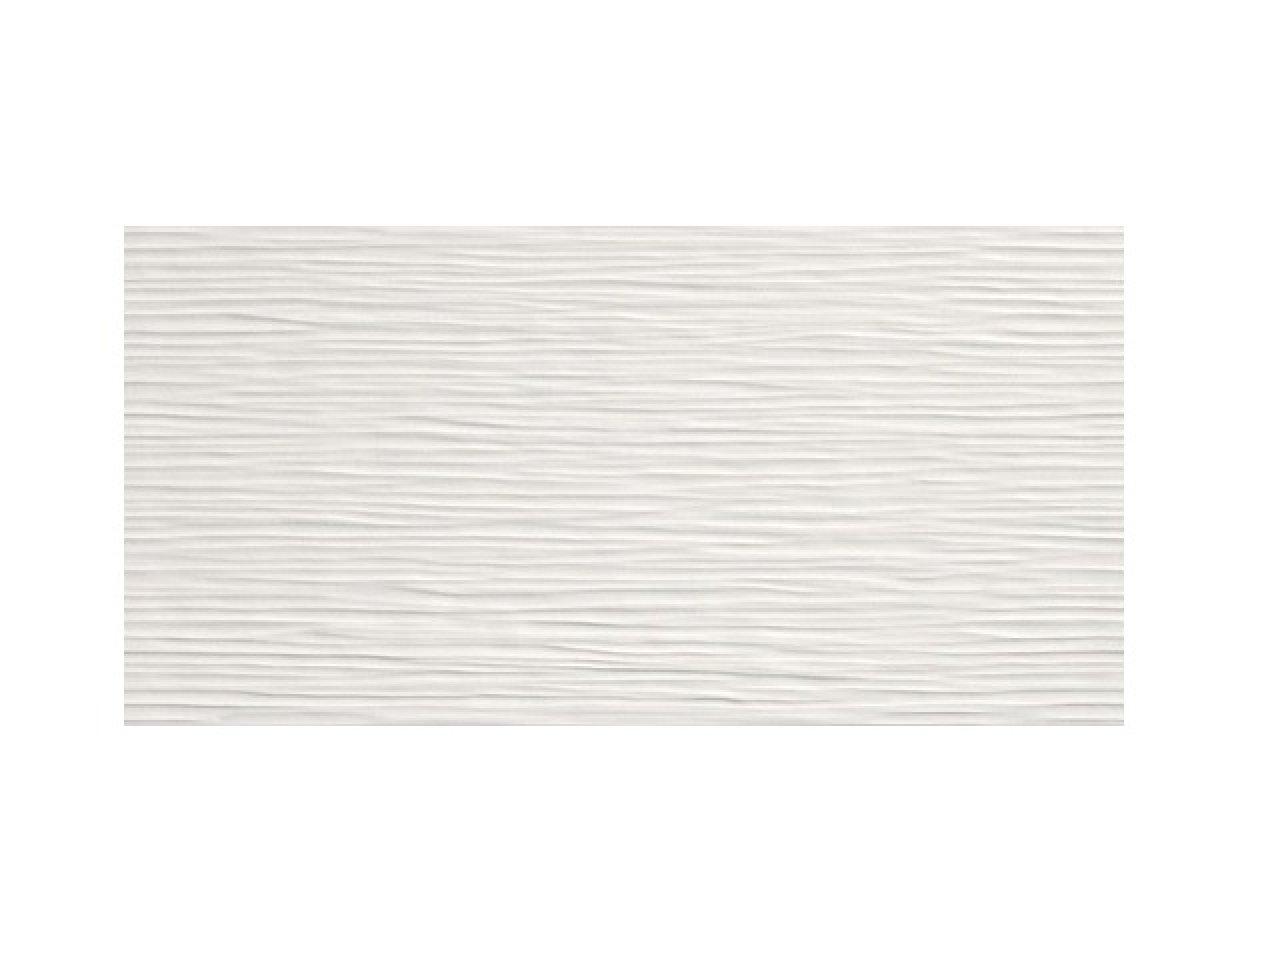 Настенная плитка Arty Sugar Wave 40x80